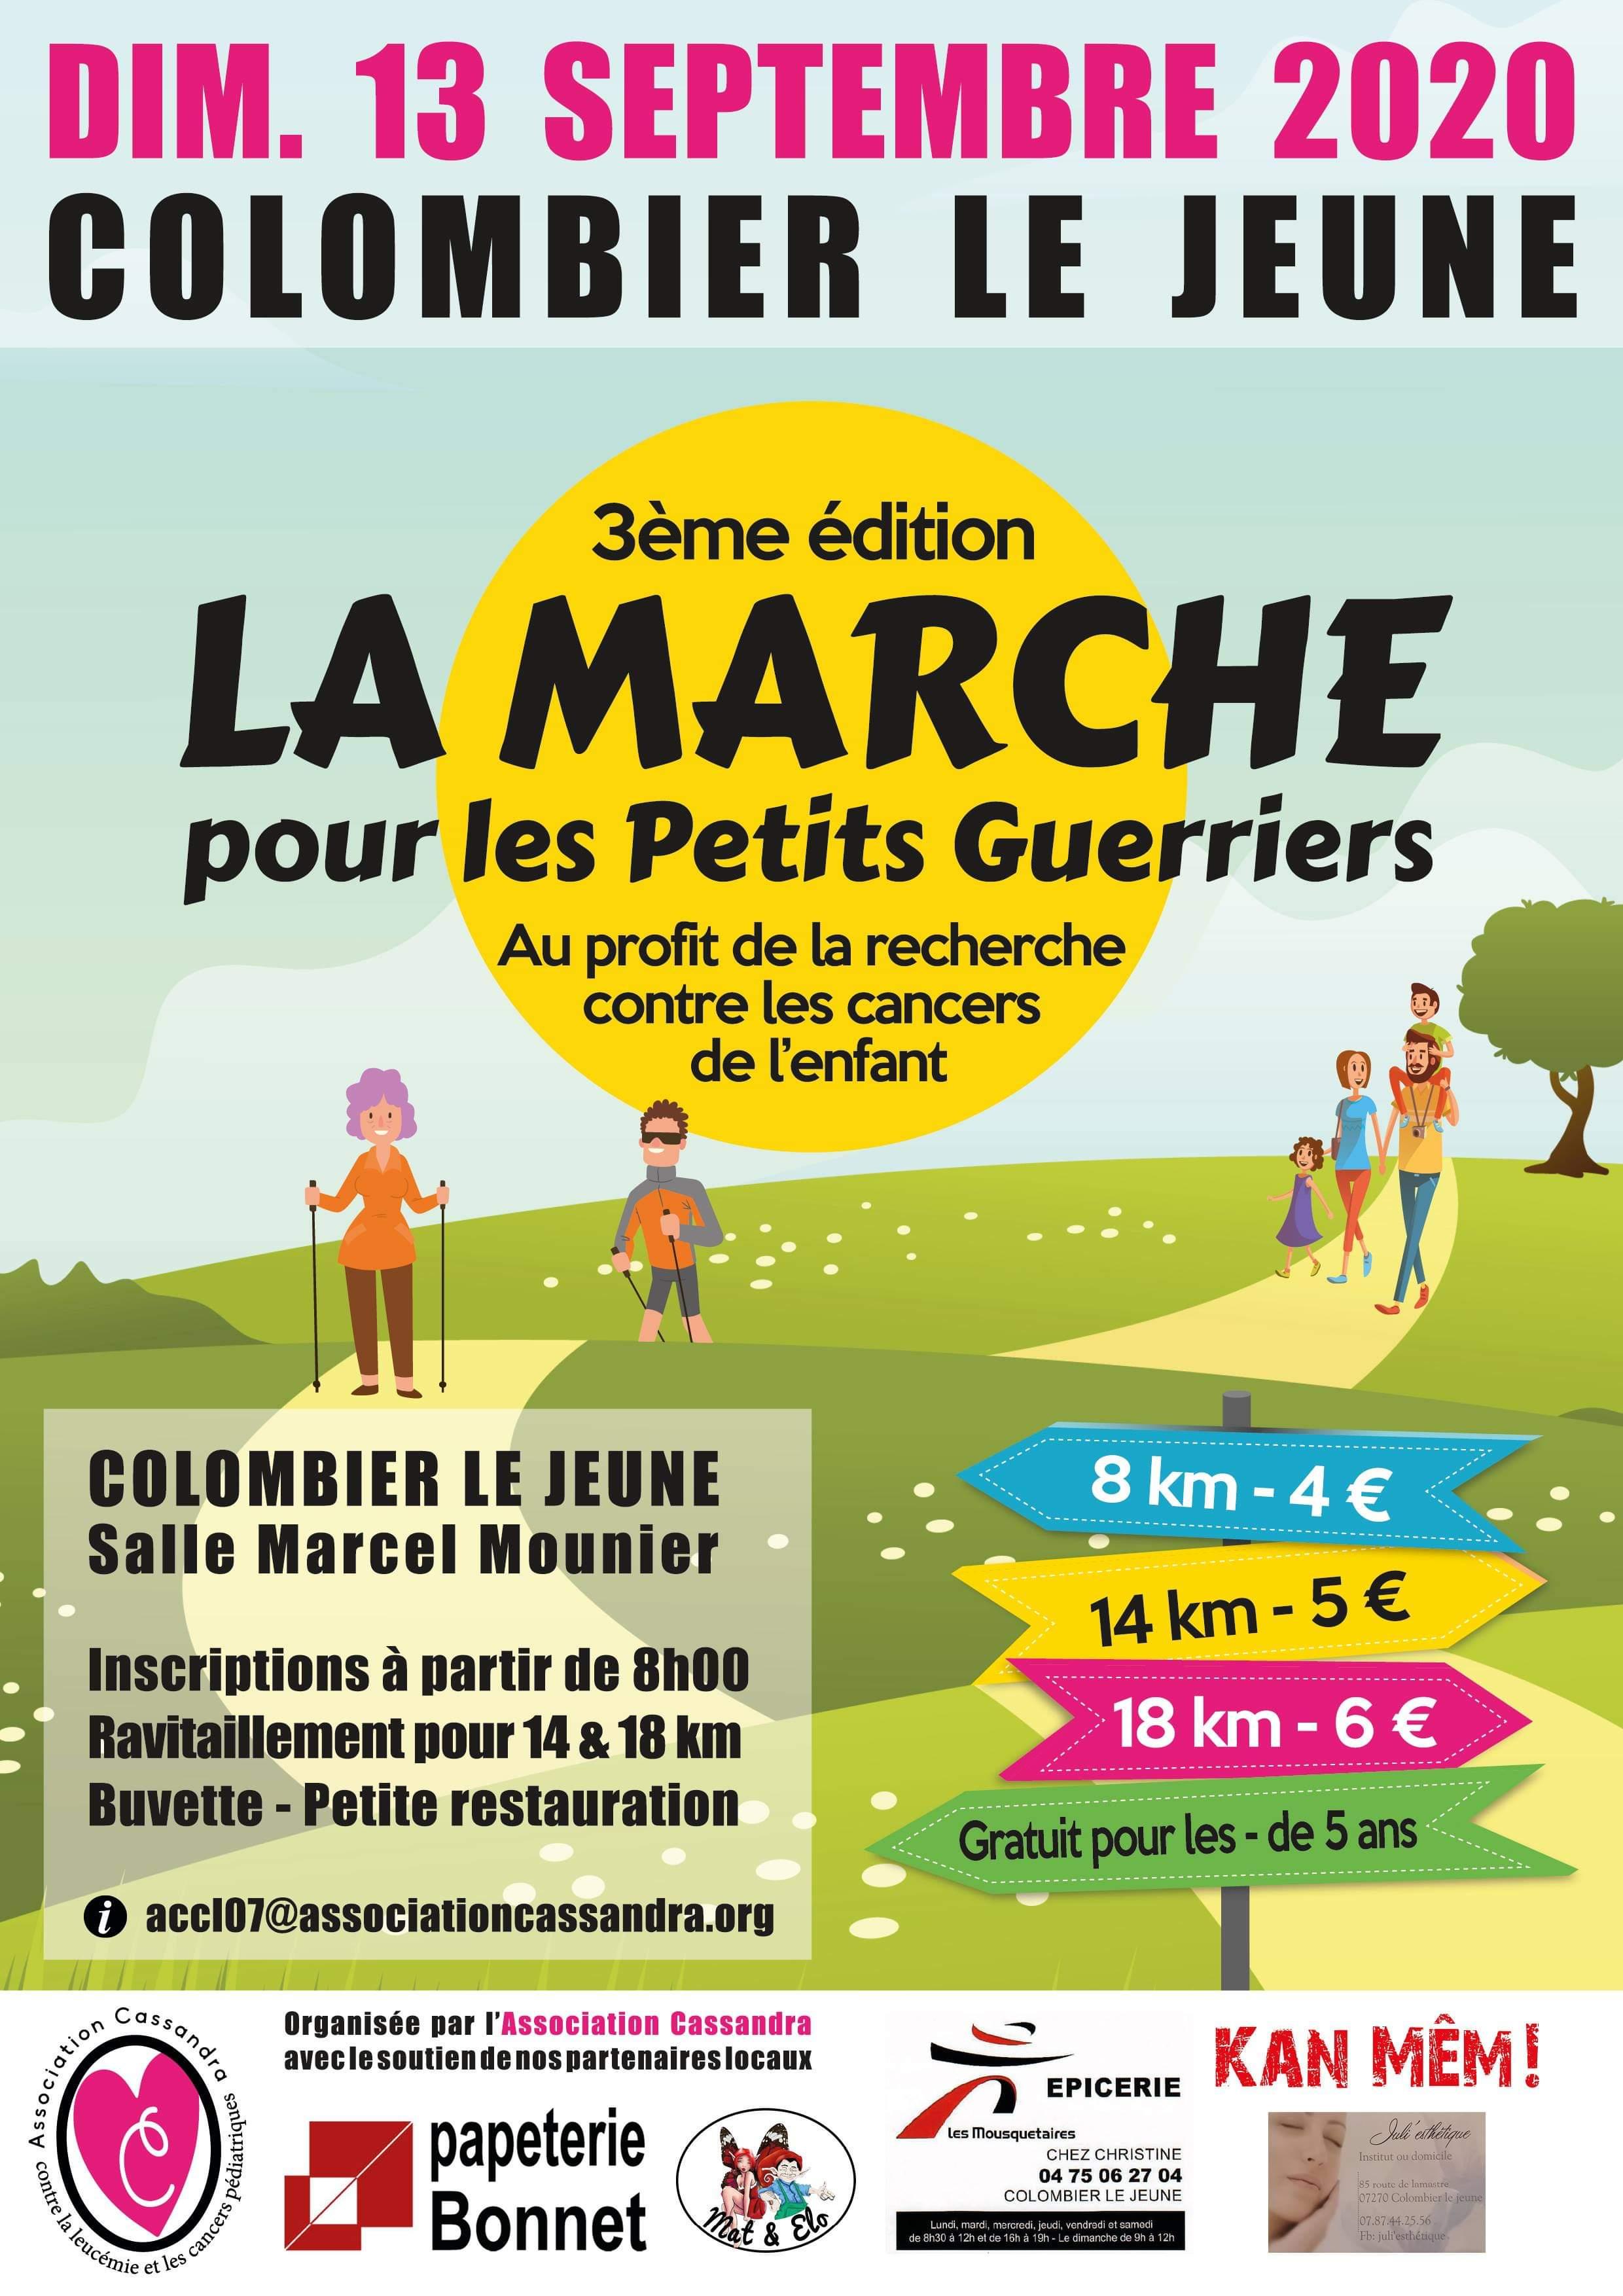 MARCHE PETIT GUERRIER COLOMBIER LE JEUNE